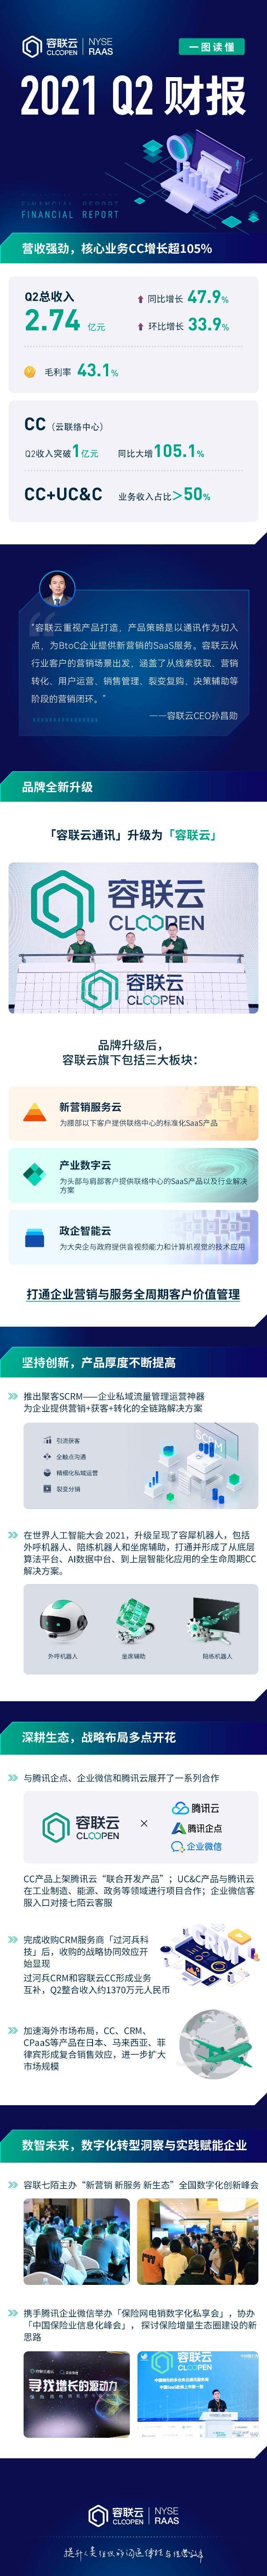 容联云Q2营收2.74亿元,同比增长47.9%,业绩再超预期